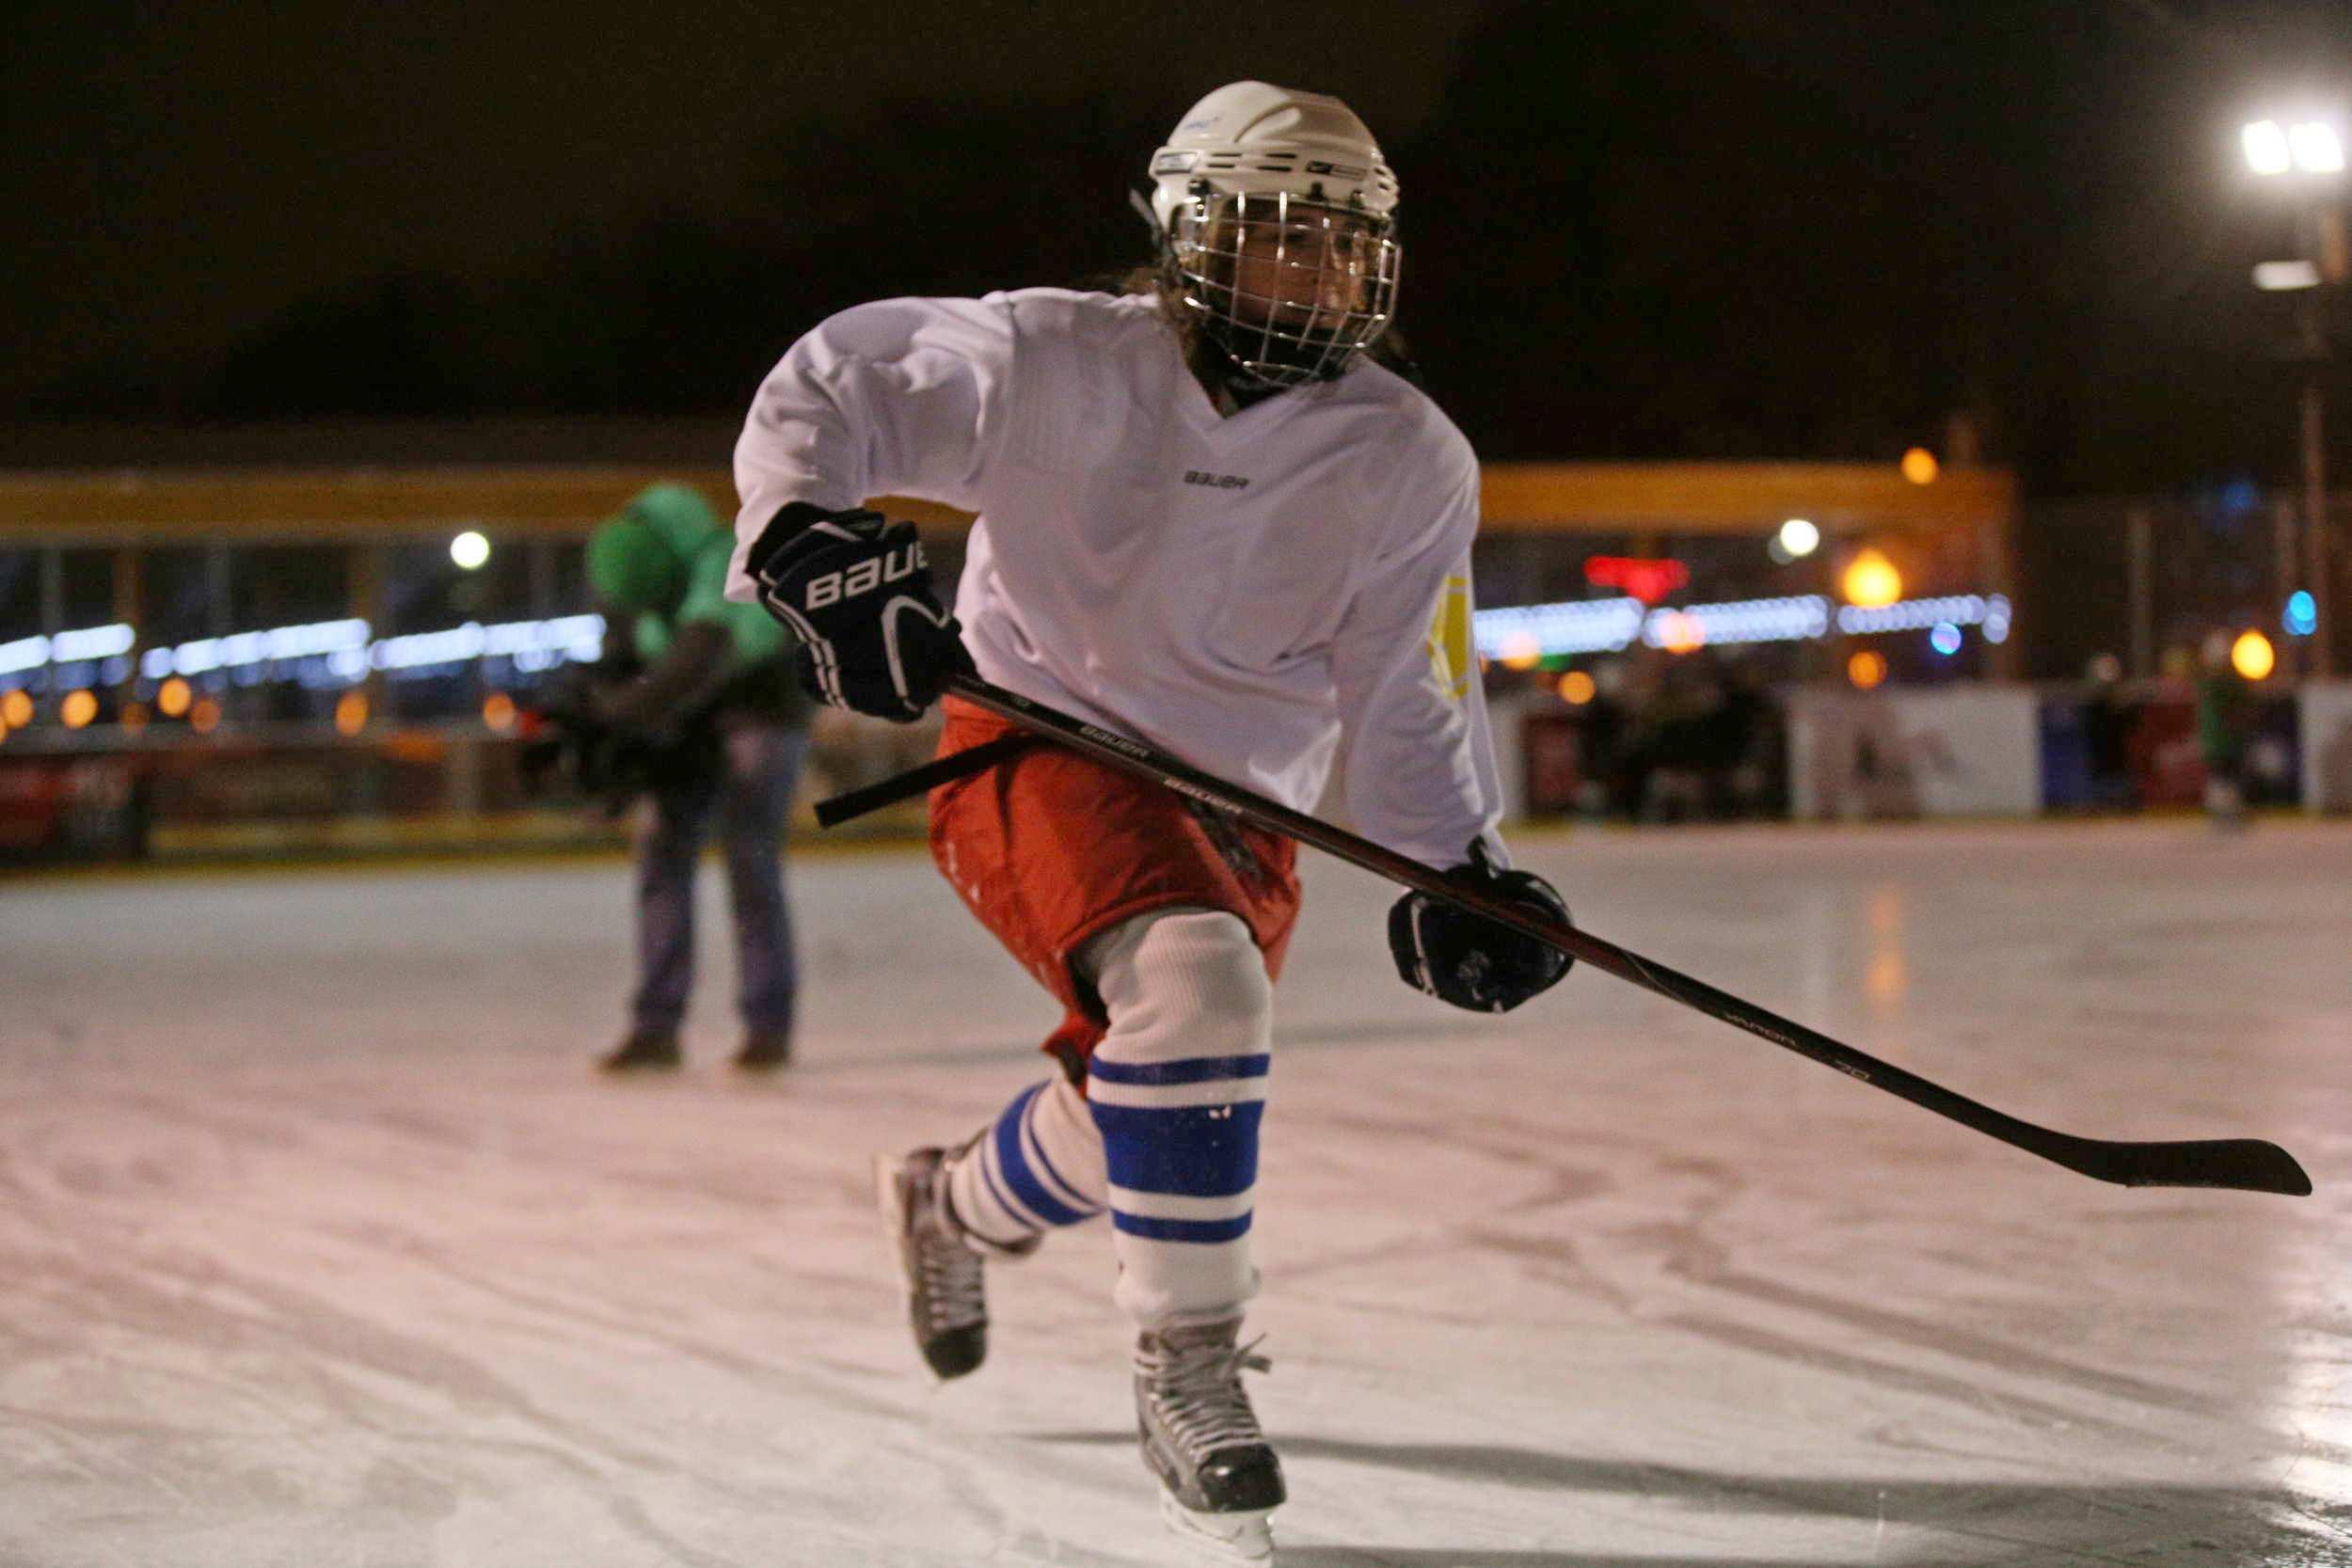 Спортсмены из поселения Вороновское победили в первой игре нового хоккейного сезона